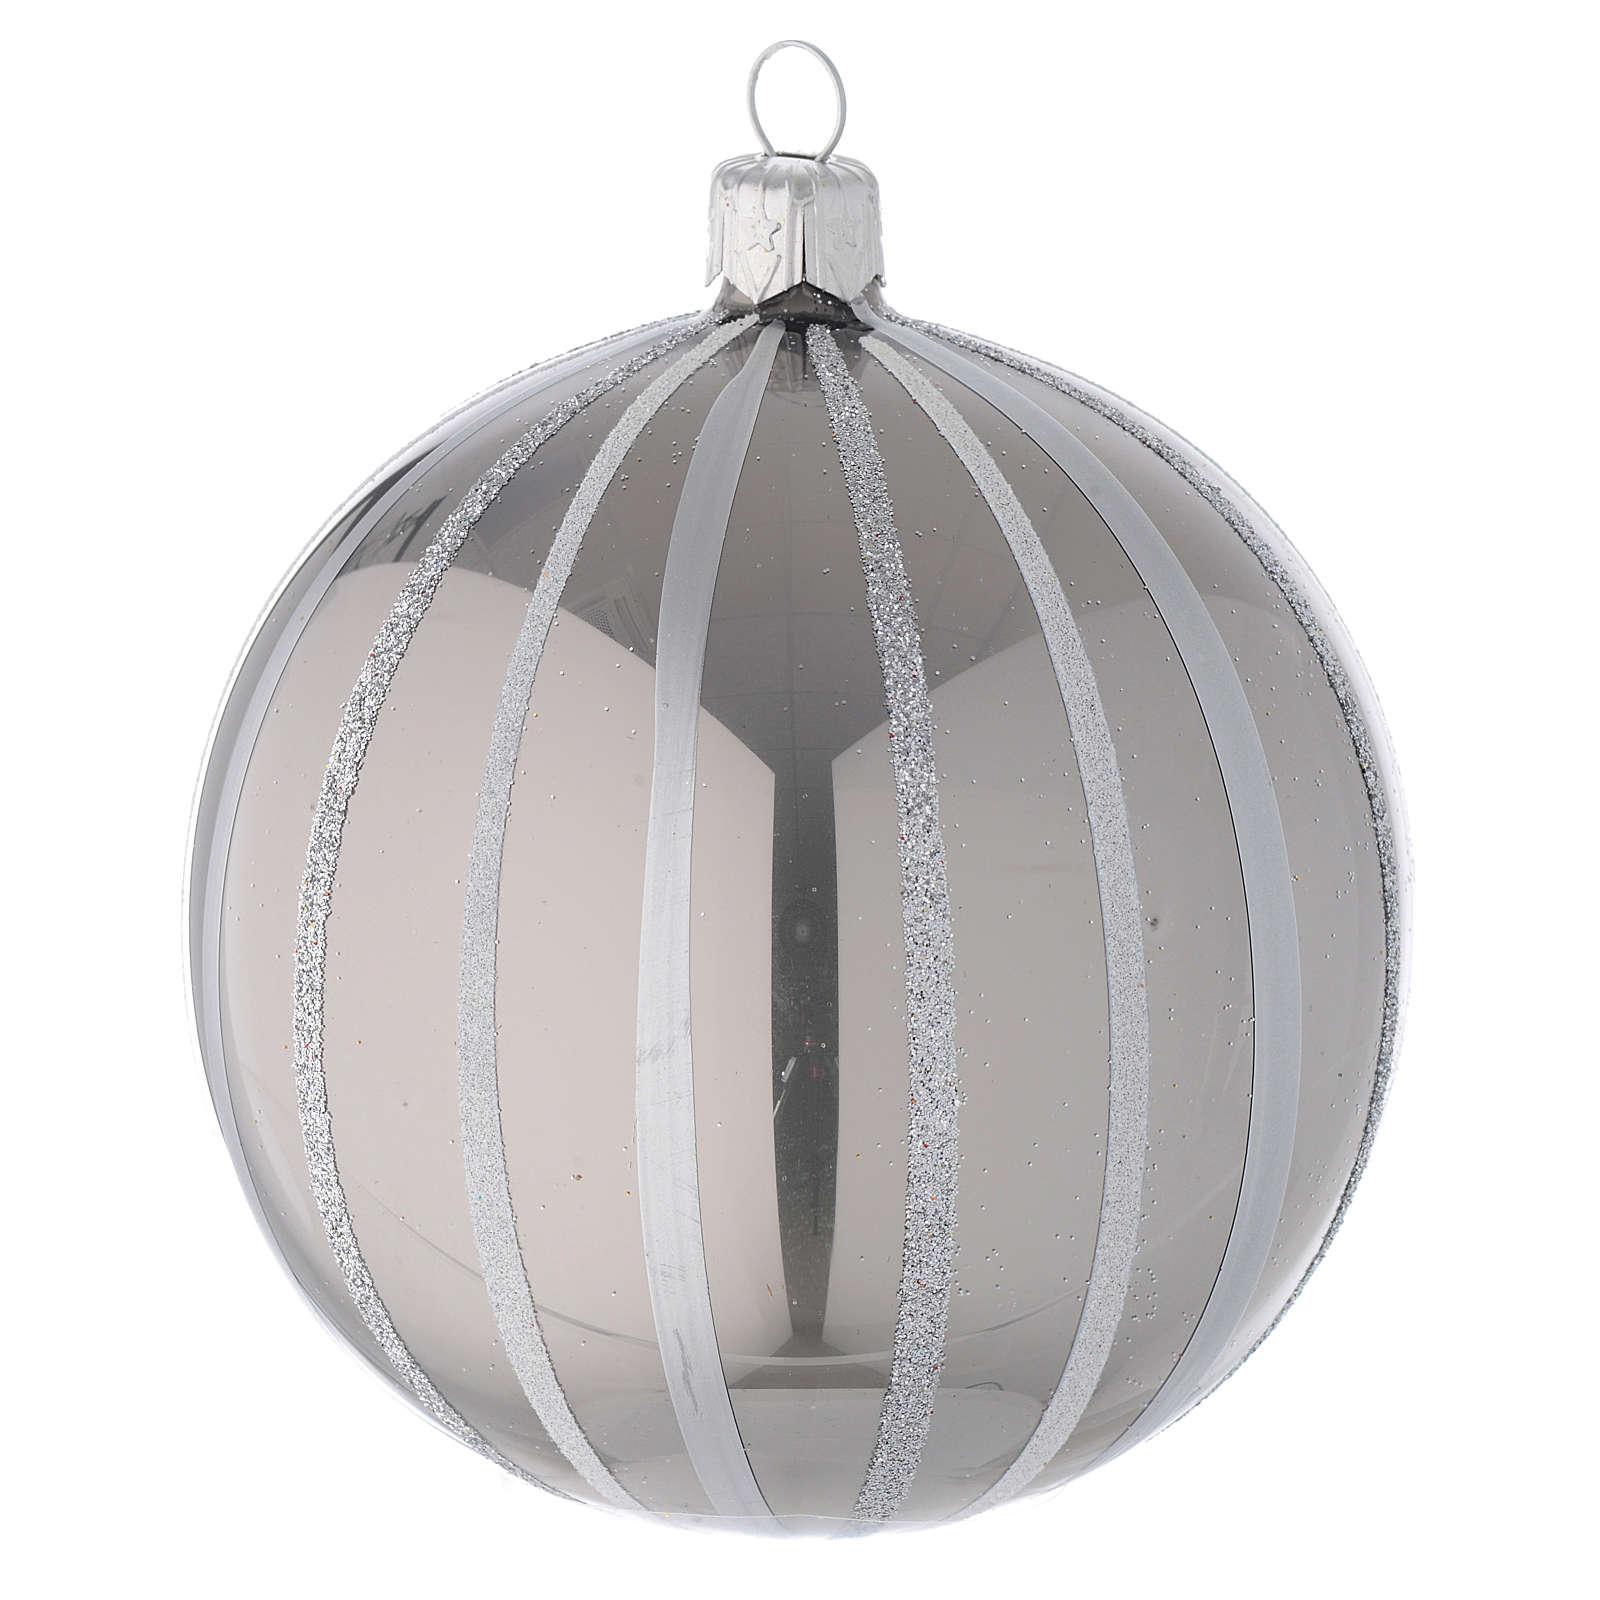 Bombka bożonarodzeniowa  szkło koloru srebrnego dekoracje paski 100mm 4